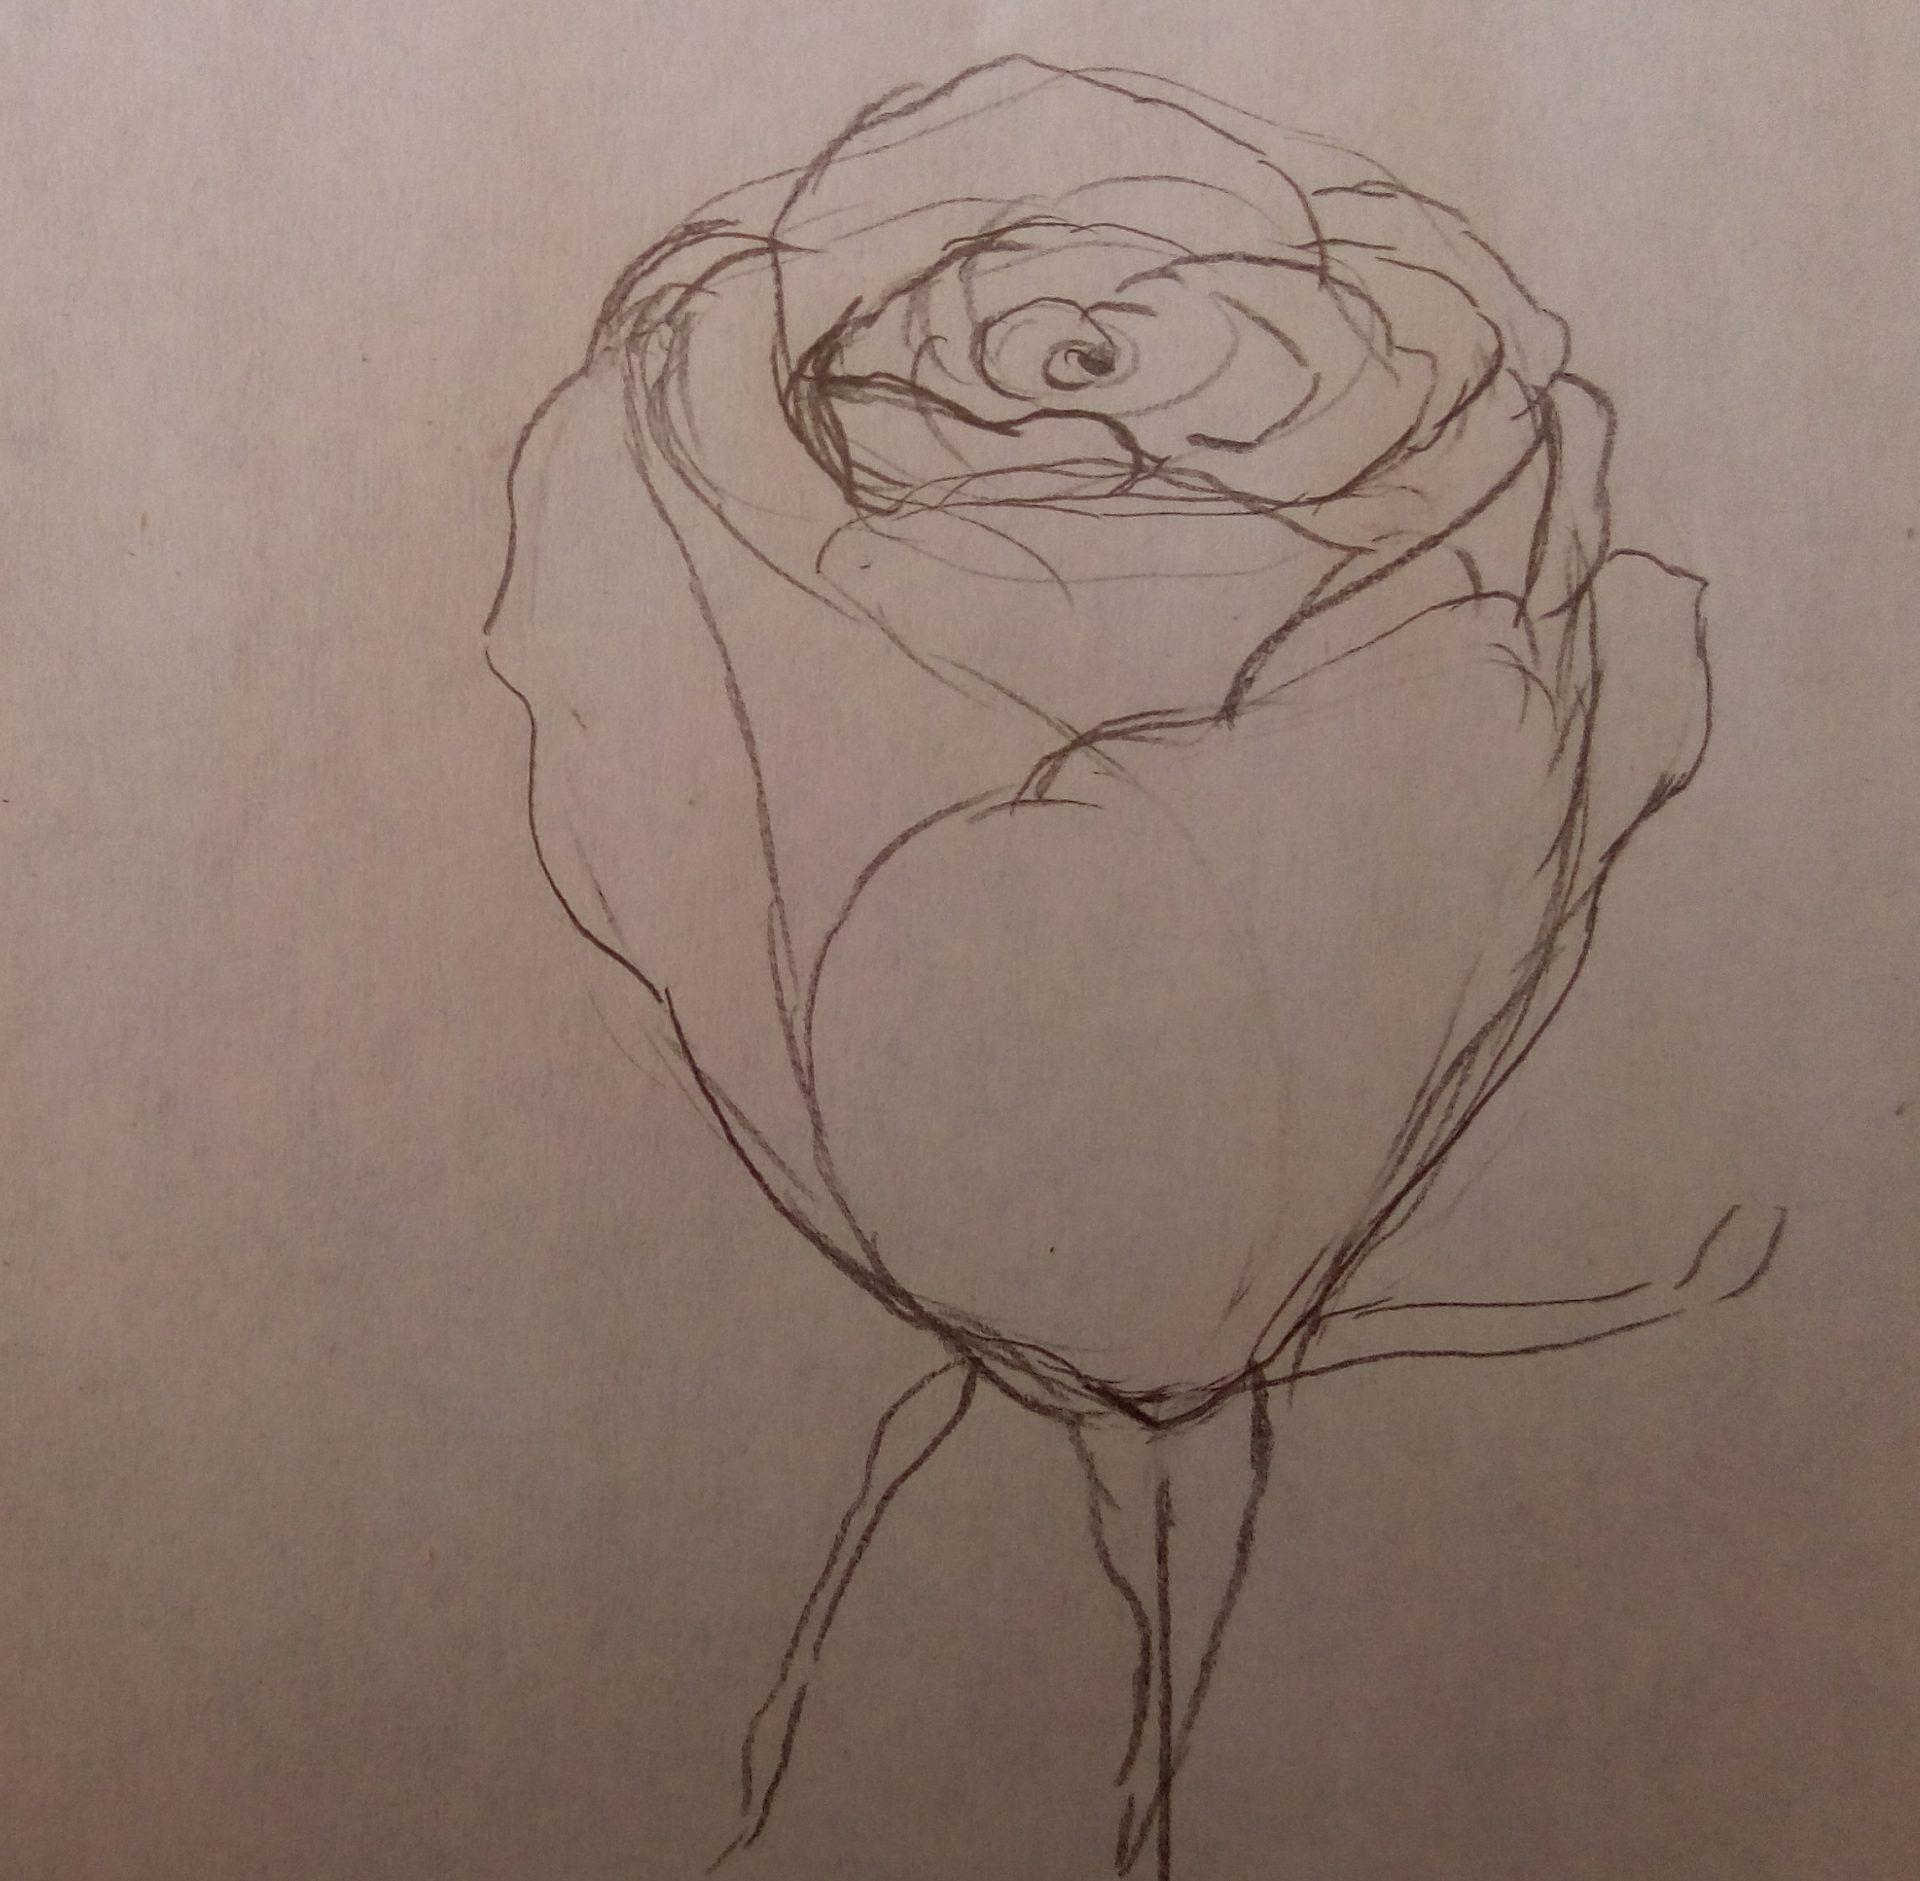 rysunki kwiatu róży